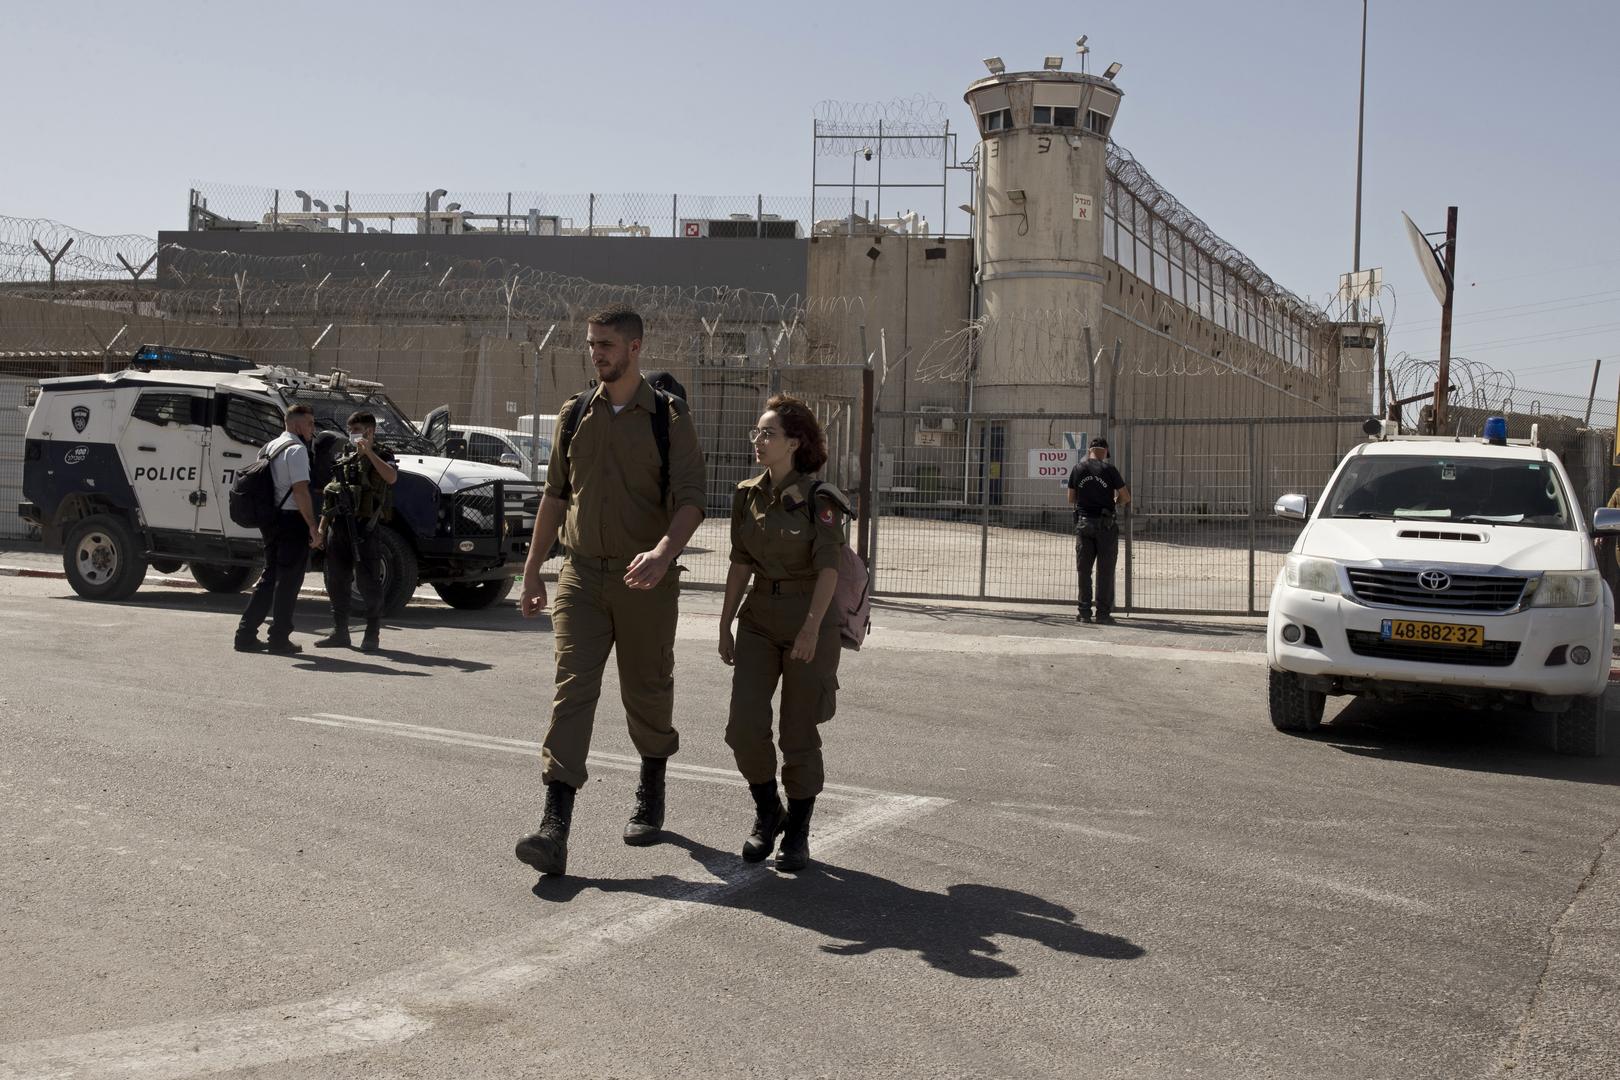 مسؤول إسرائيلي: عملية البحث عن الأسيرين انفيعات وكممجي تكلف أكثر من 3 آلاف دولار يوميا